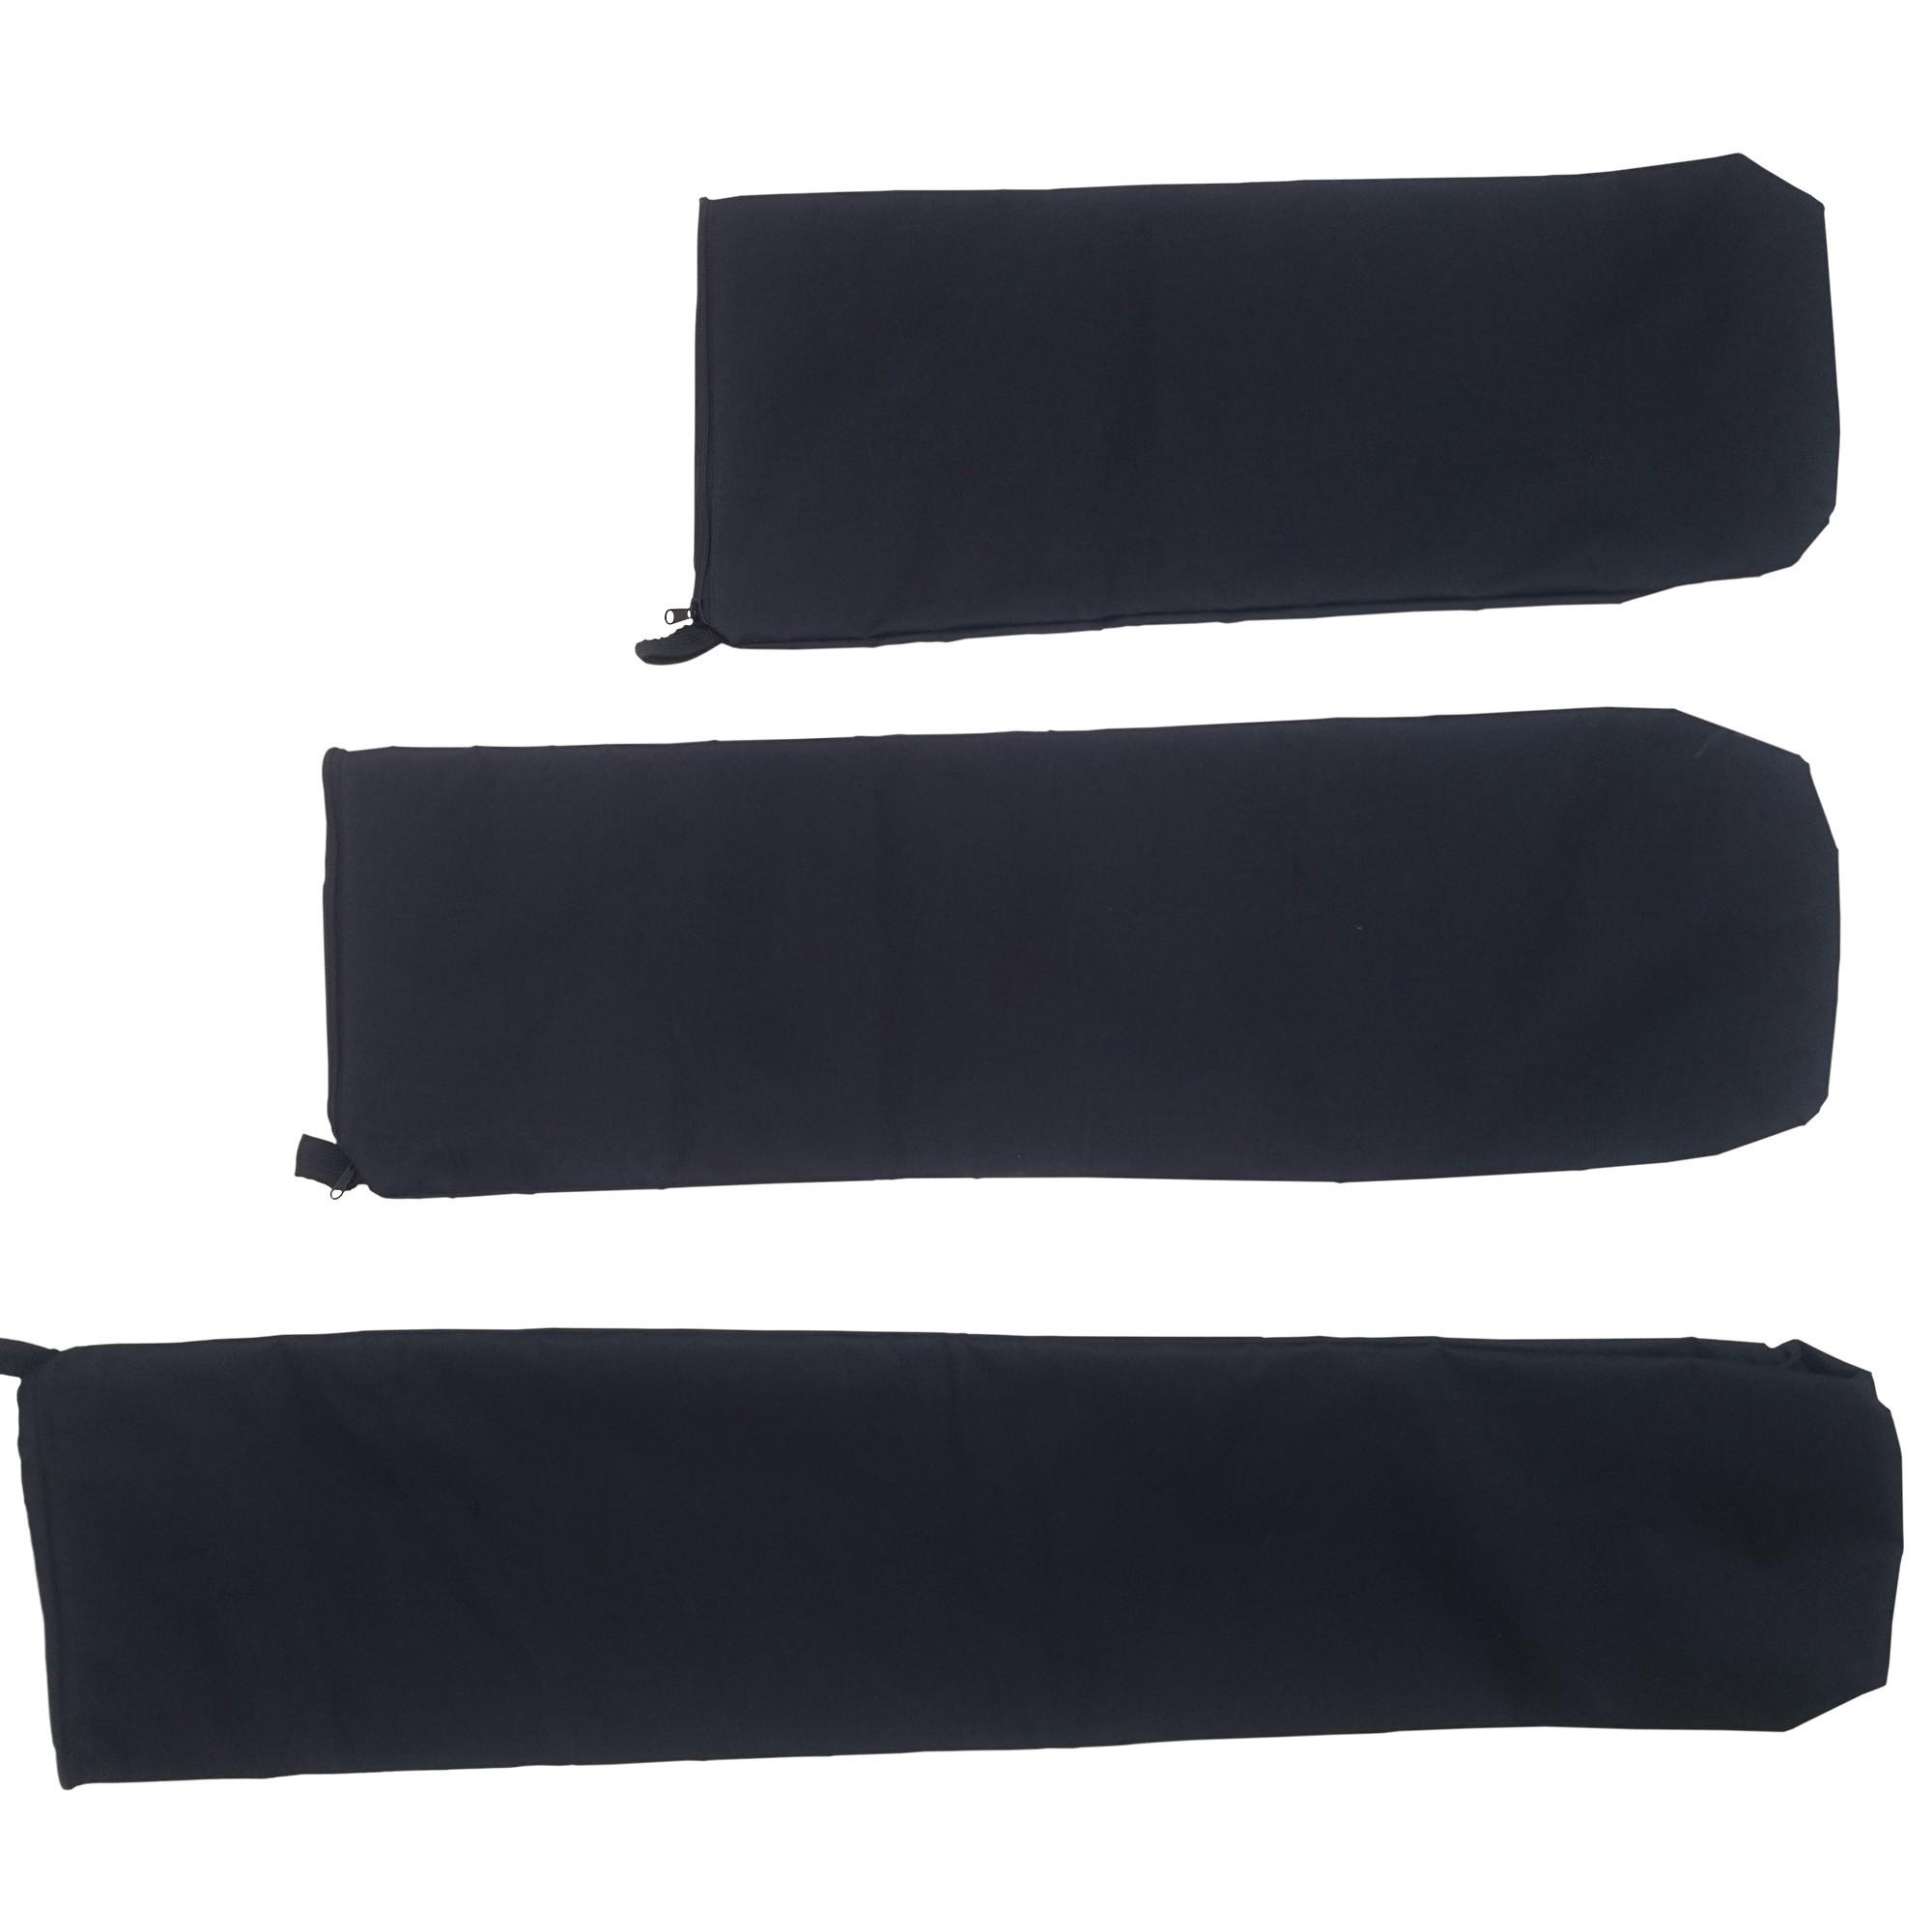 Capa Comum Separado Clave & Bag, Tamanho P, M ou G P/ Ferragens De Bateria.